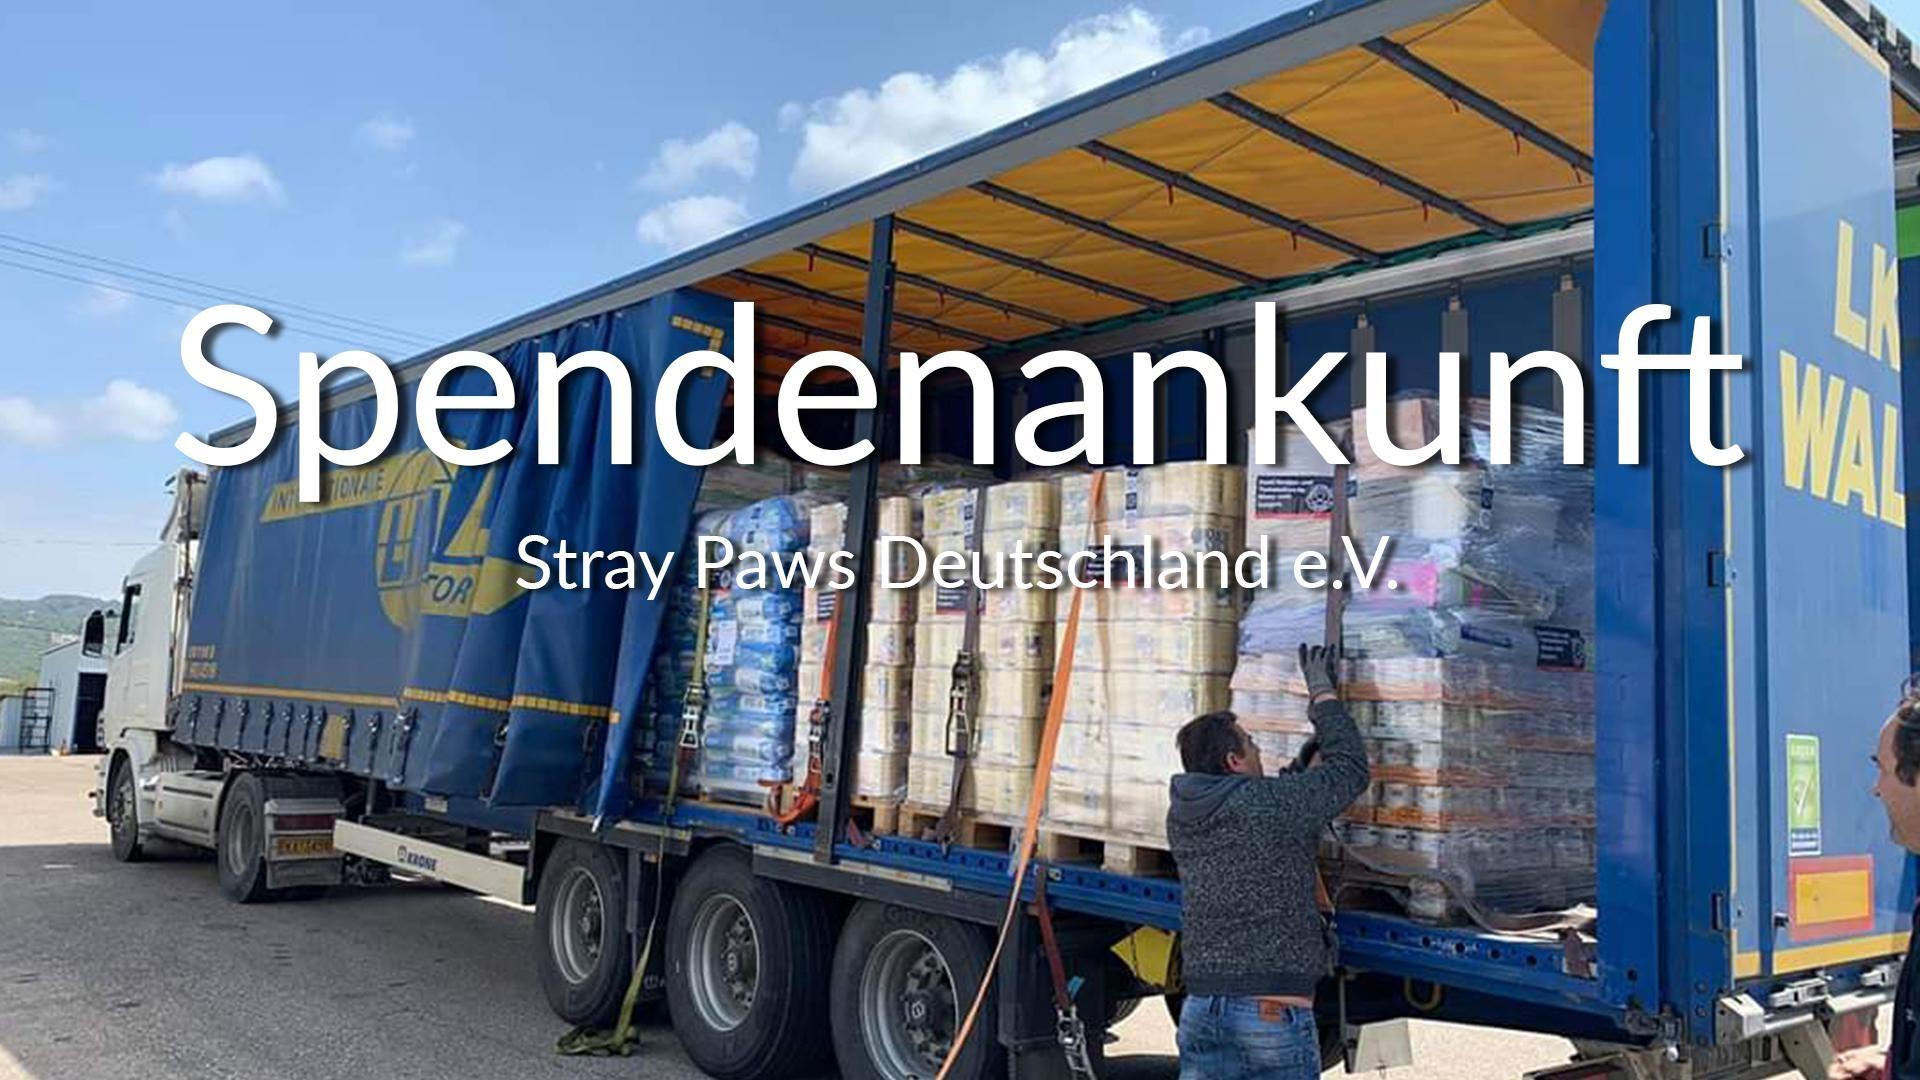 Stray Paws Deutschland e.V.-Futterspendenankunft-april-2020-Spenden-Marathon-2019-Griechenland VIDEO